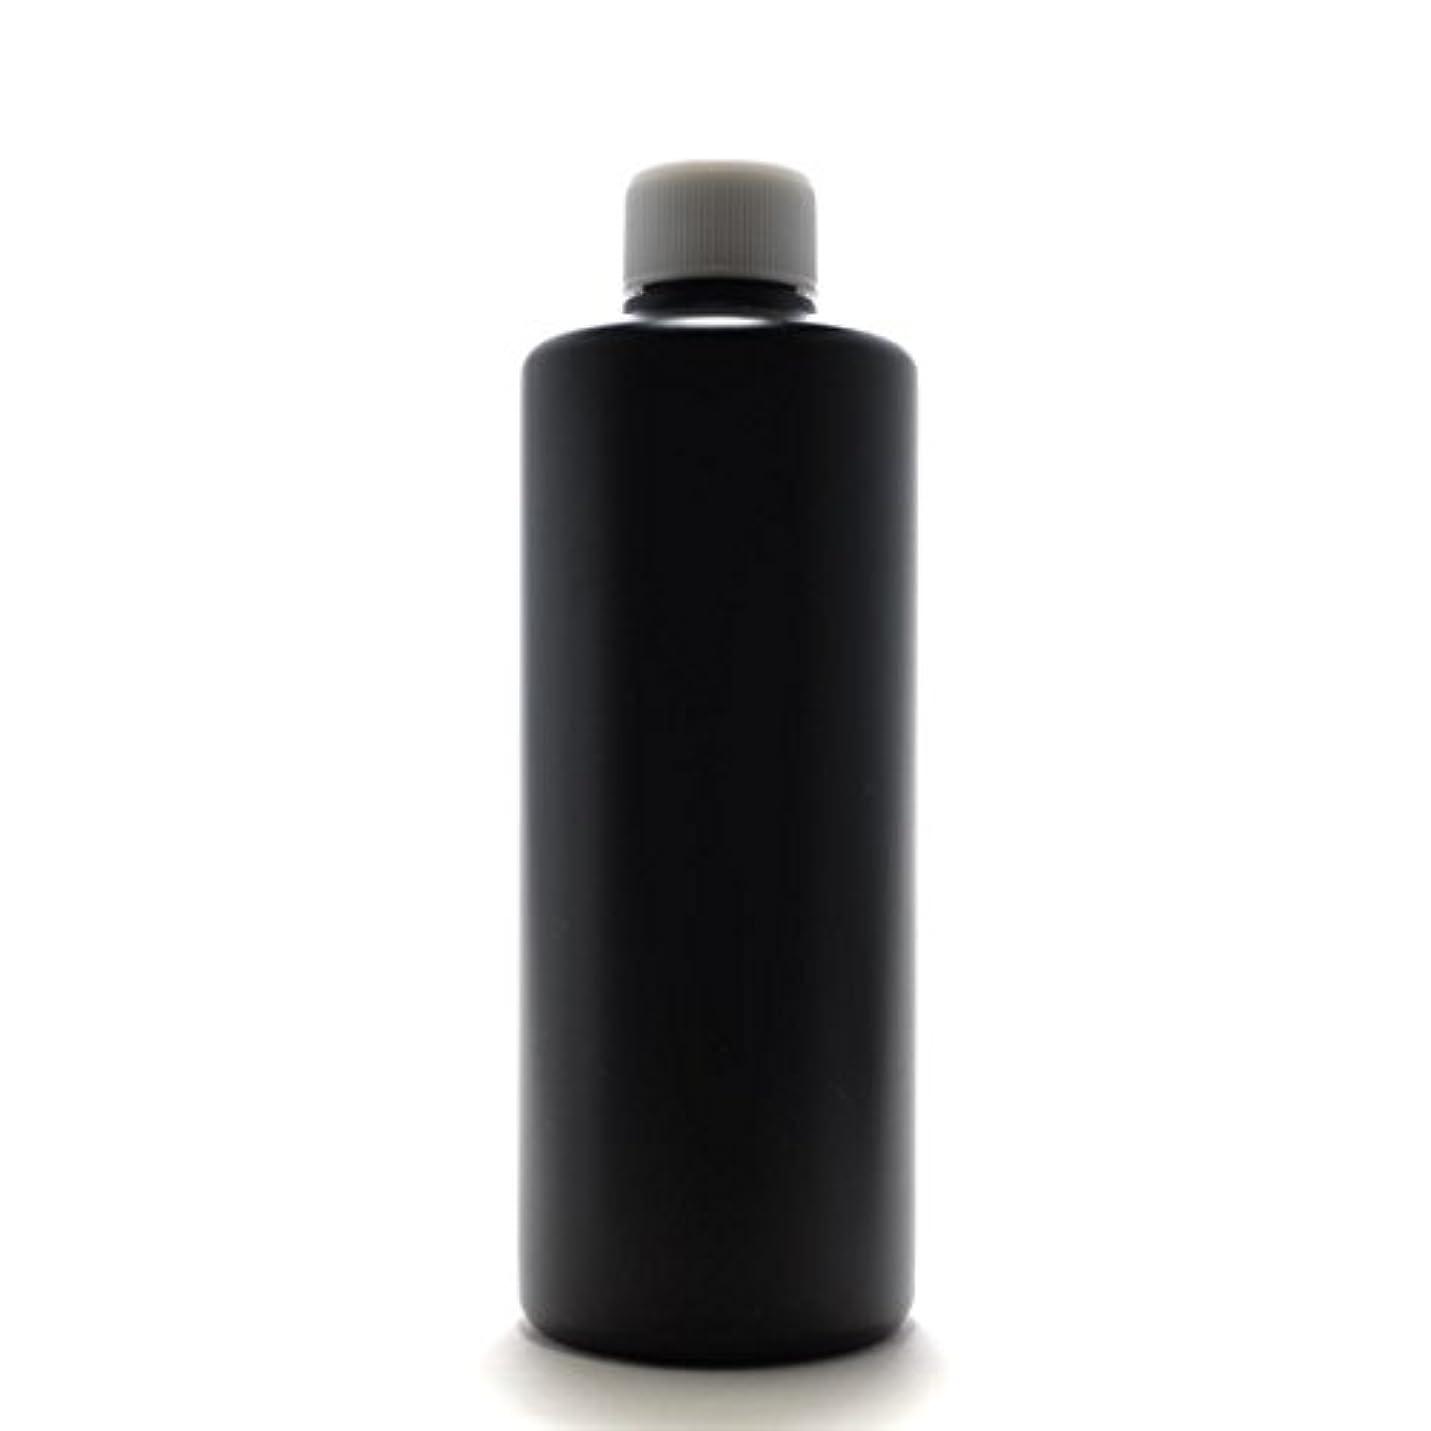 暖炉幹コーデリアプラスチック容器 300ml PE ストレートボトル [ ボトル:遮光黒 / スクリューキャップ:ホワイト ]※中栓付